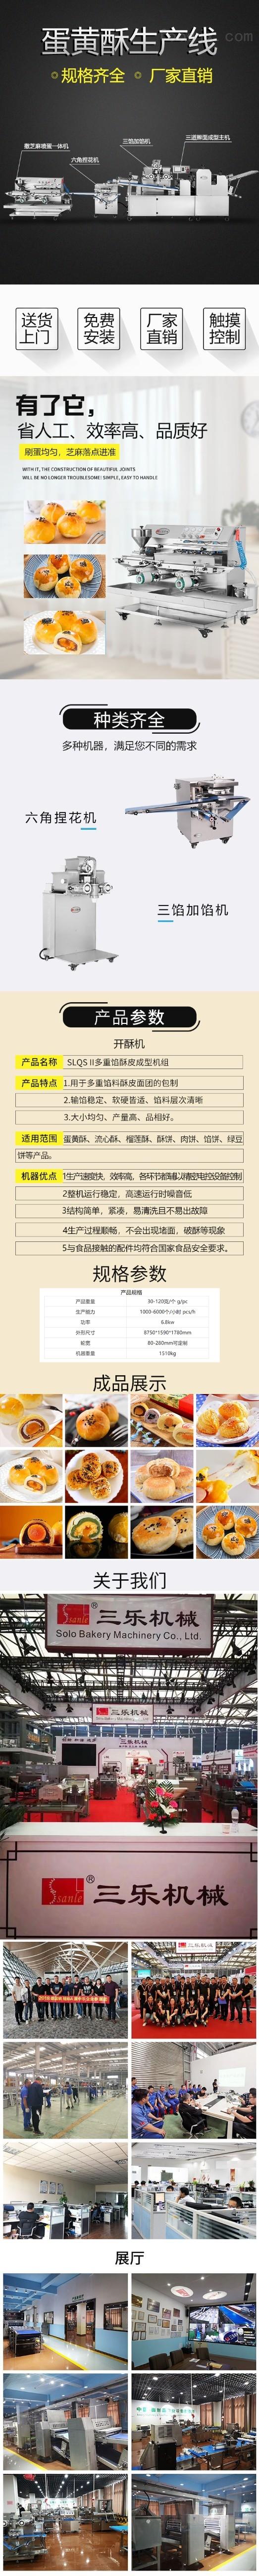 蛋黄酥生产线详情.jpg